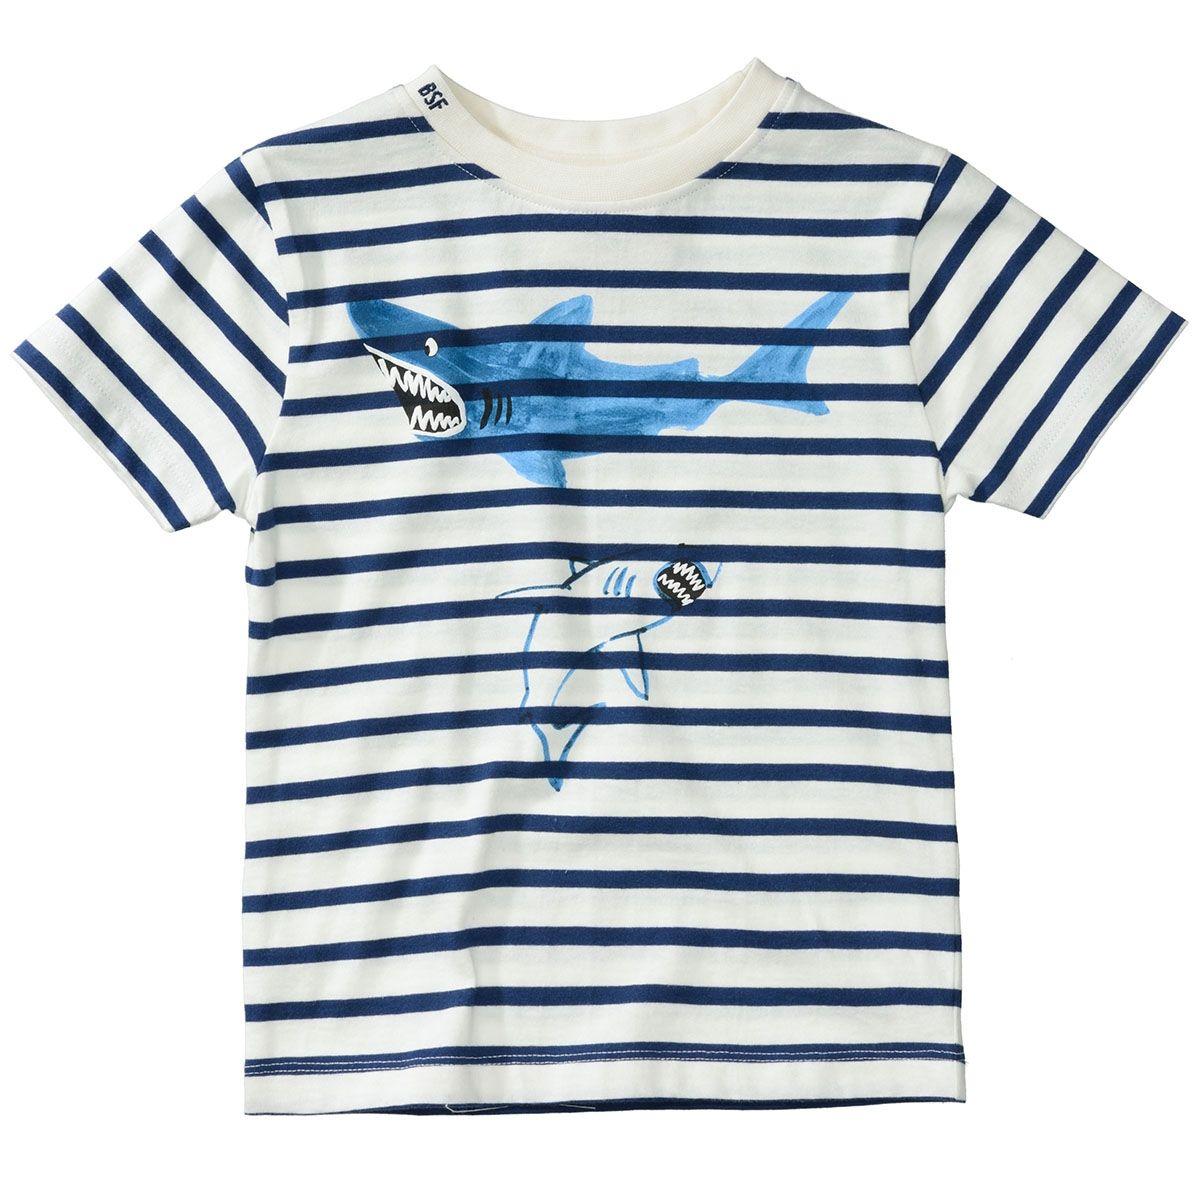 BASEFIELD T-Shirt HAIE - Offwhite Stripe